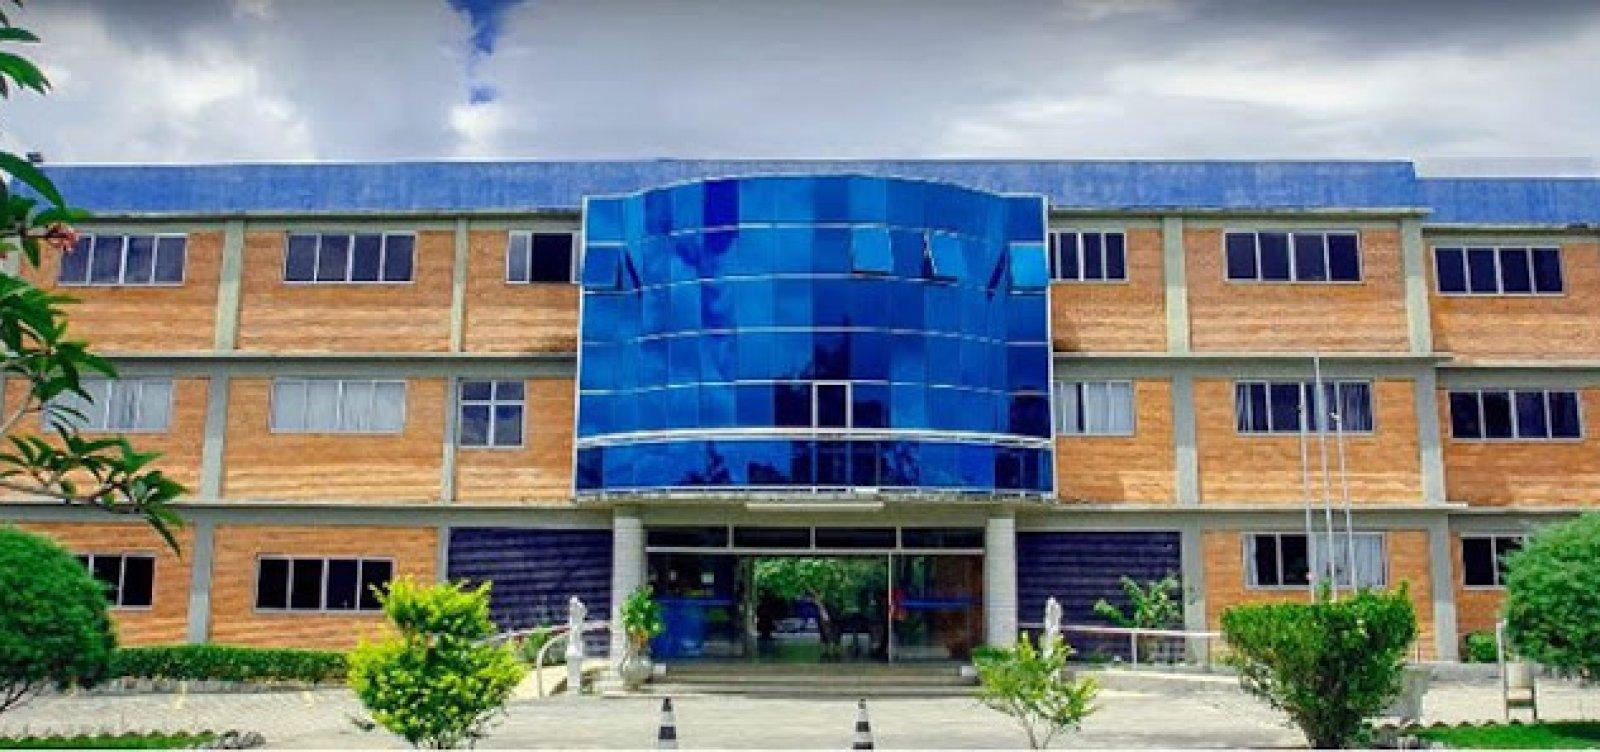 JUSTIÇA REDUZ MENSALIDADES DA UNIÃO DE EDUCAÇÃO E CULTURA DE EUNÁPOLIS